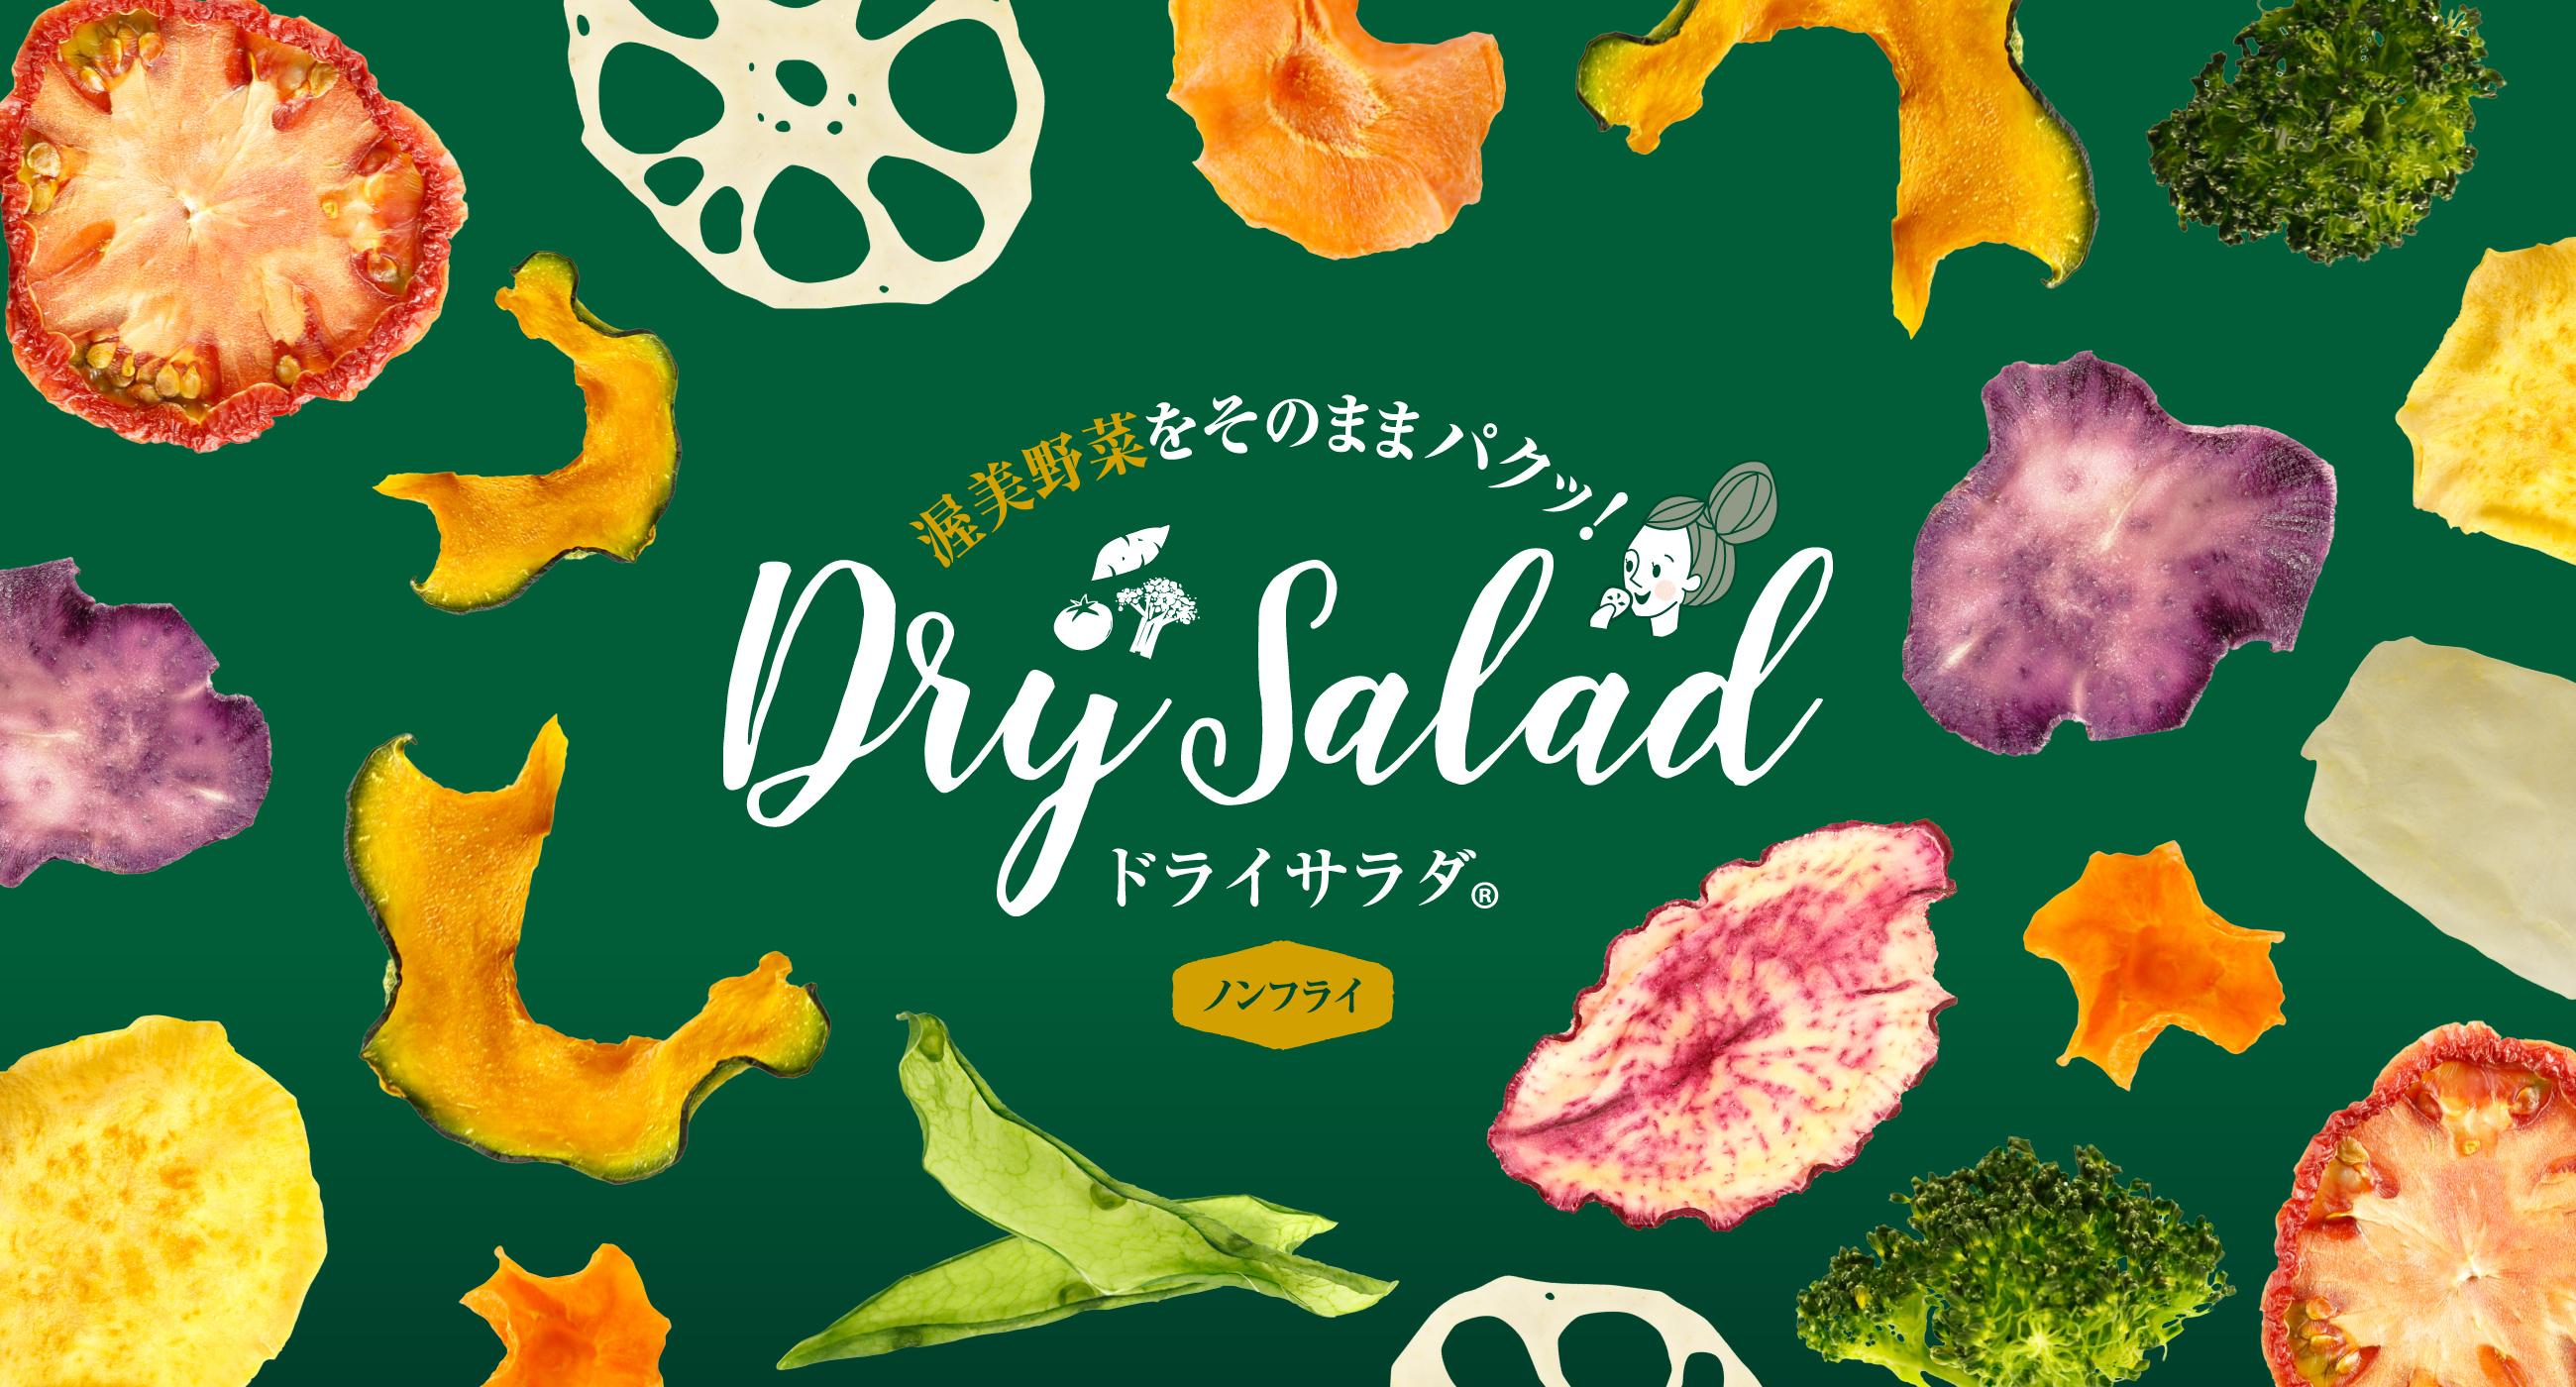 ドライサラダ DrySalad | 無添加ノンフライのドライ野菜・ドライフルーツ